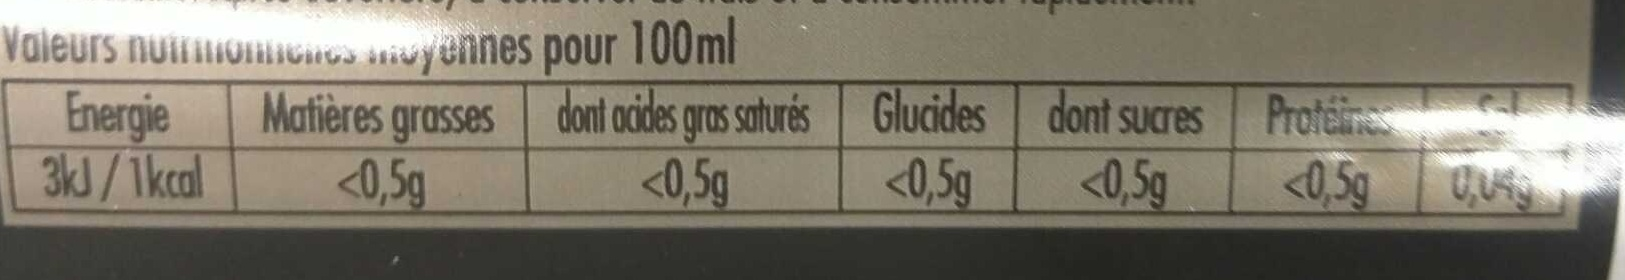 Breizh Cola zéro - Informations nutritionnelles